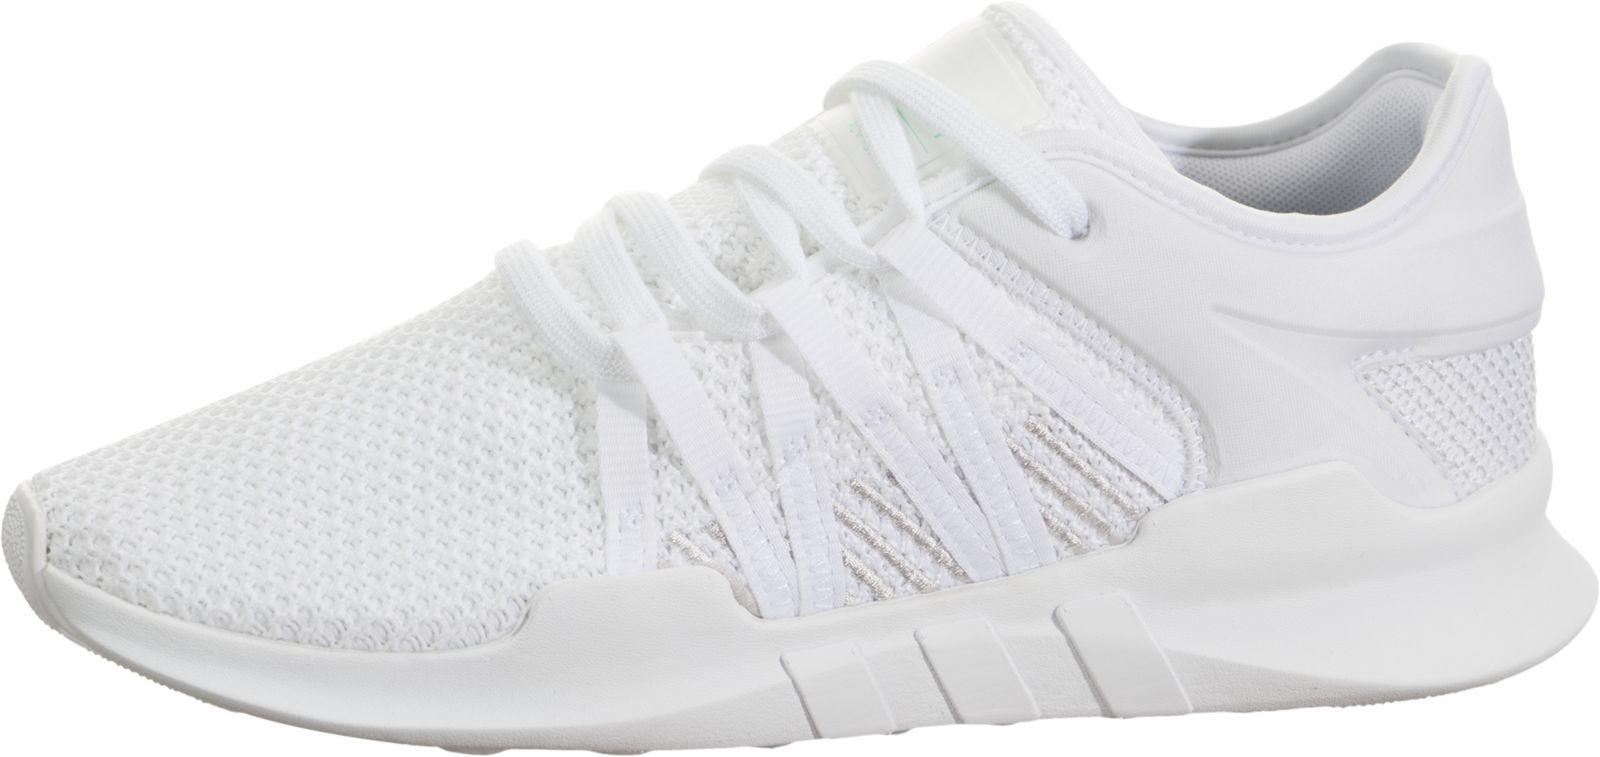 Adidas  mujer 's tamaño 6 EQT Racing ADV corriendo zapatos en blanco / gris